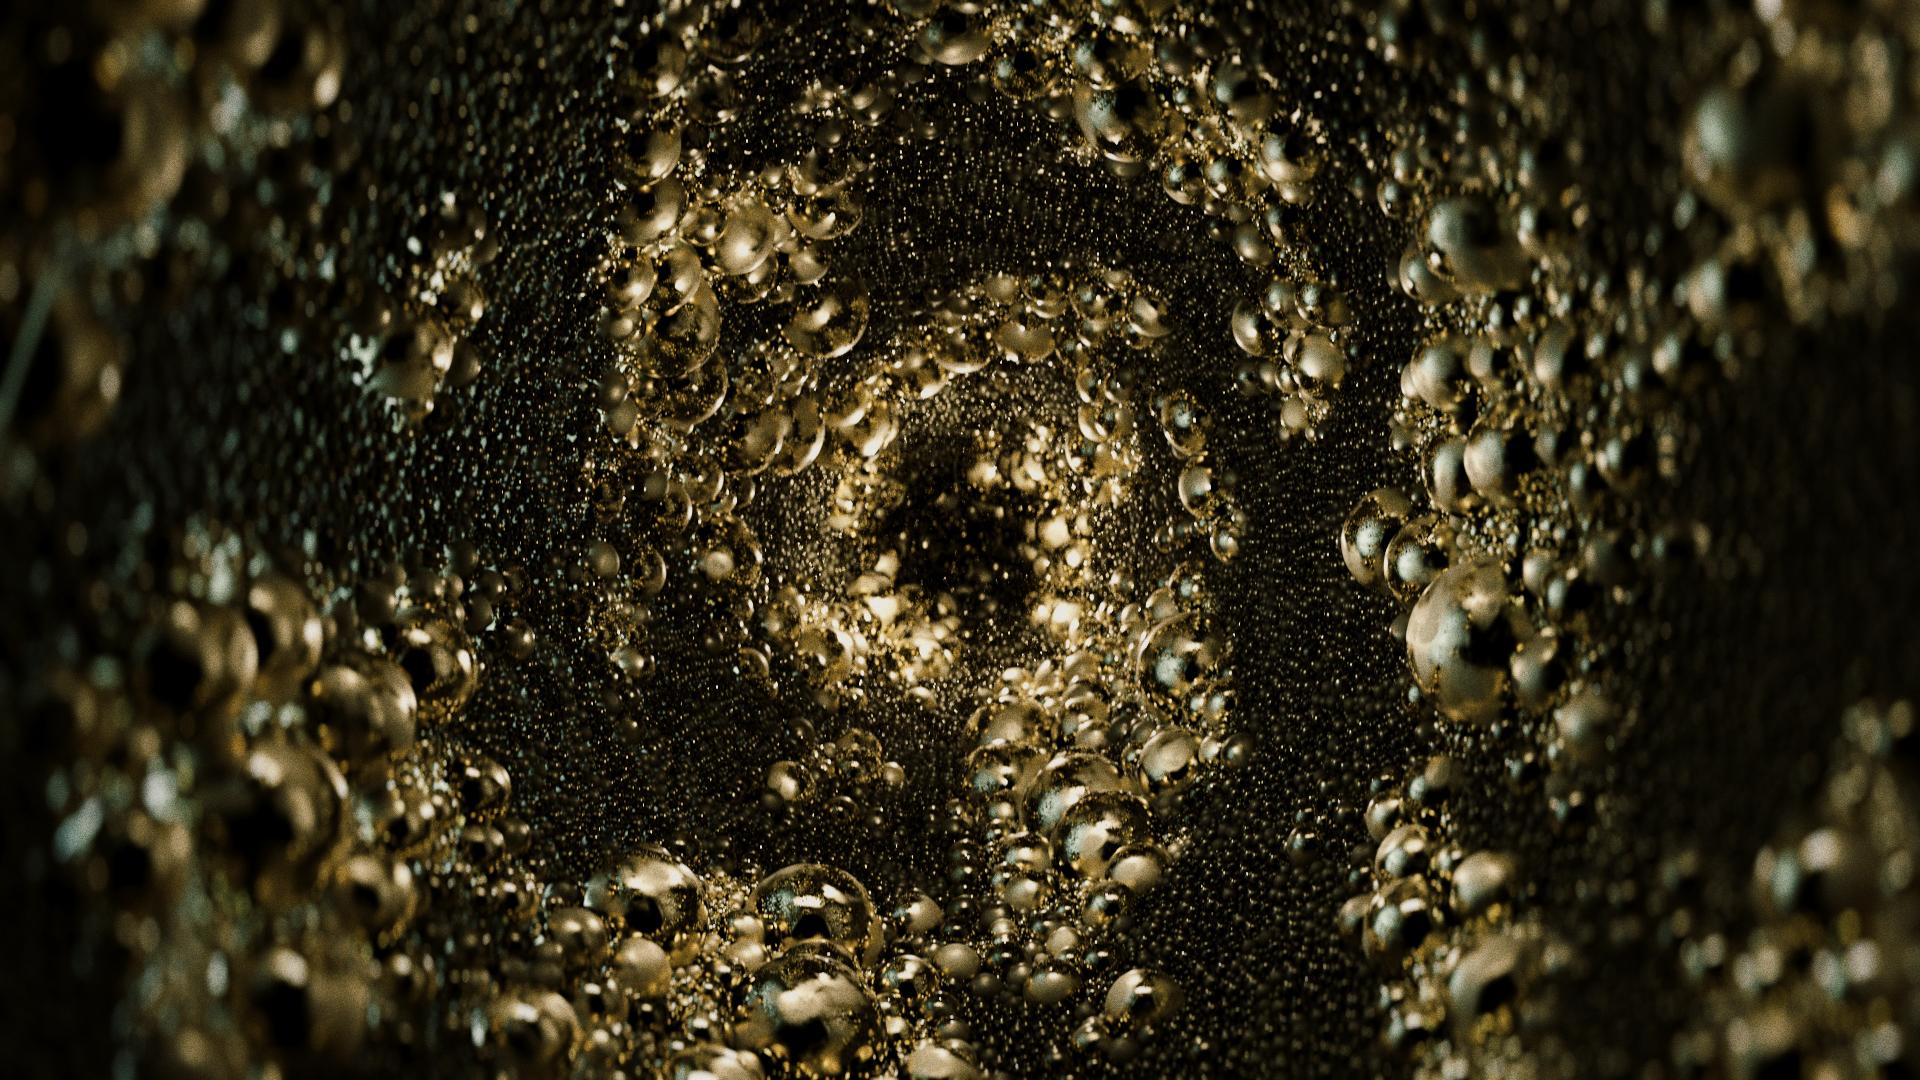 181102_cylinderSpheres1_v1.0001 (0-00-00-00).jpg